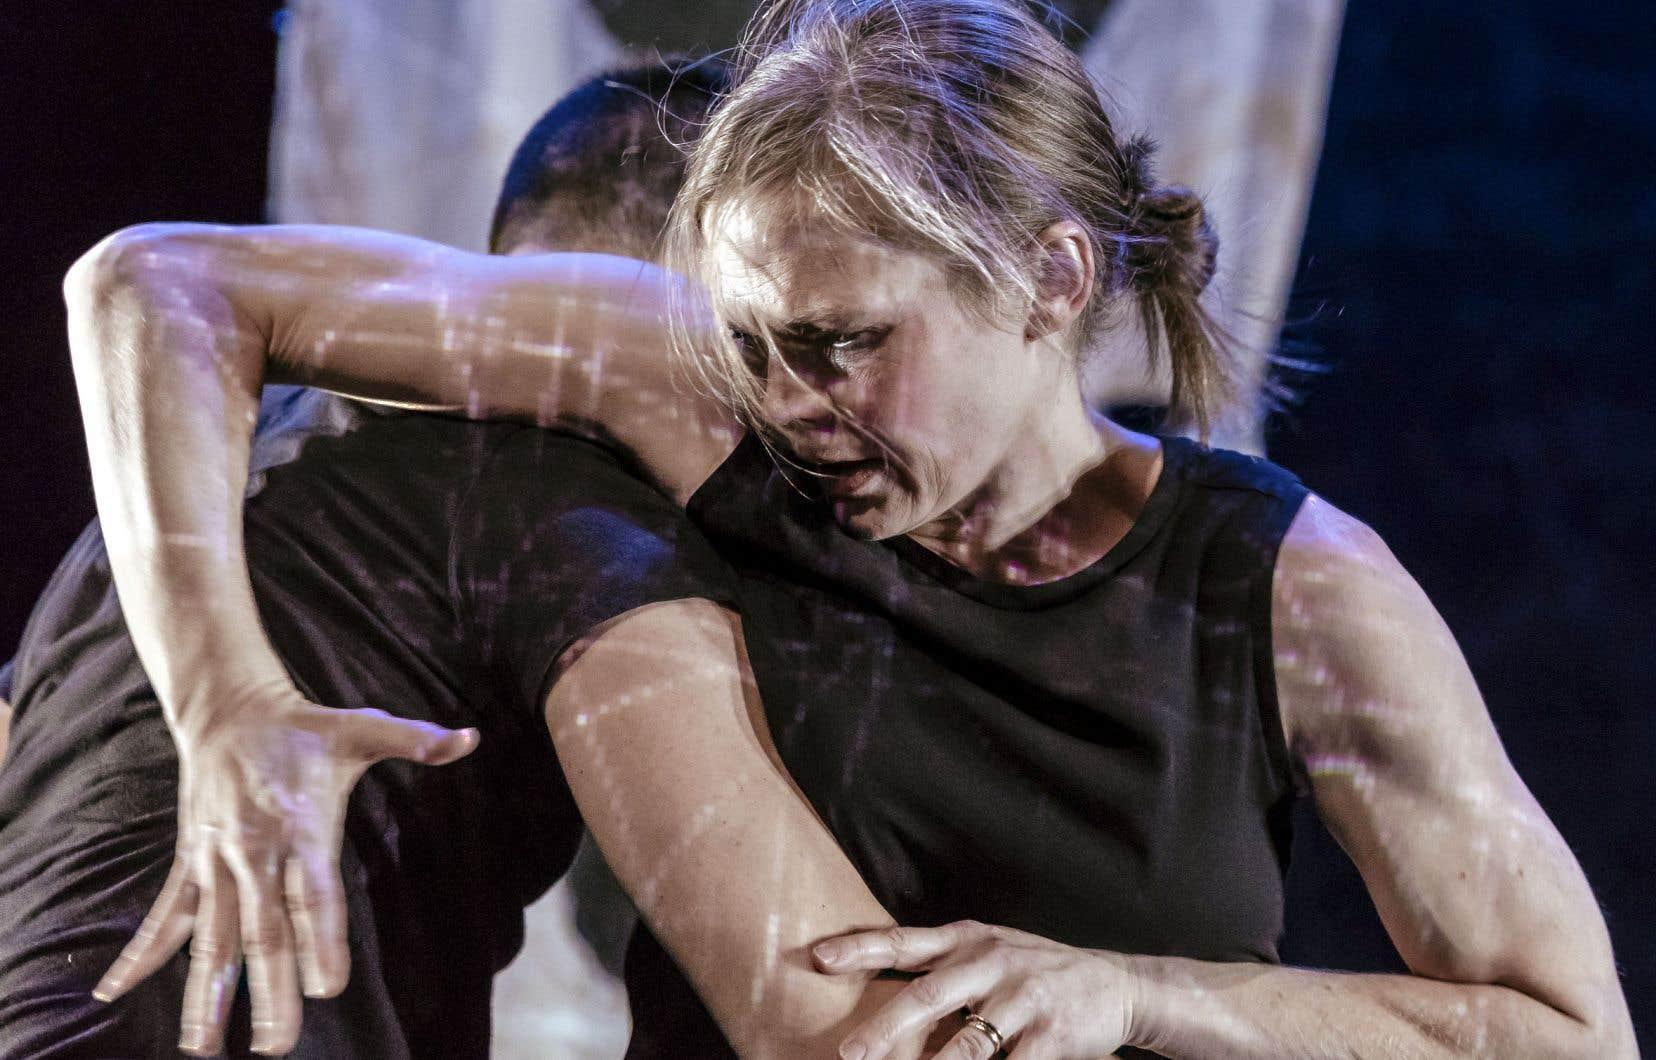 Se rattachant à l'obscurité, les thèmes du deuil, de la cruauté et du chaos traversent la pièce «Who We Are in the Dark».